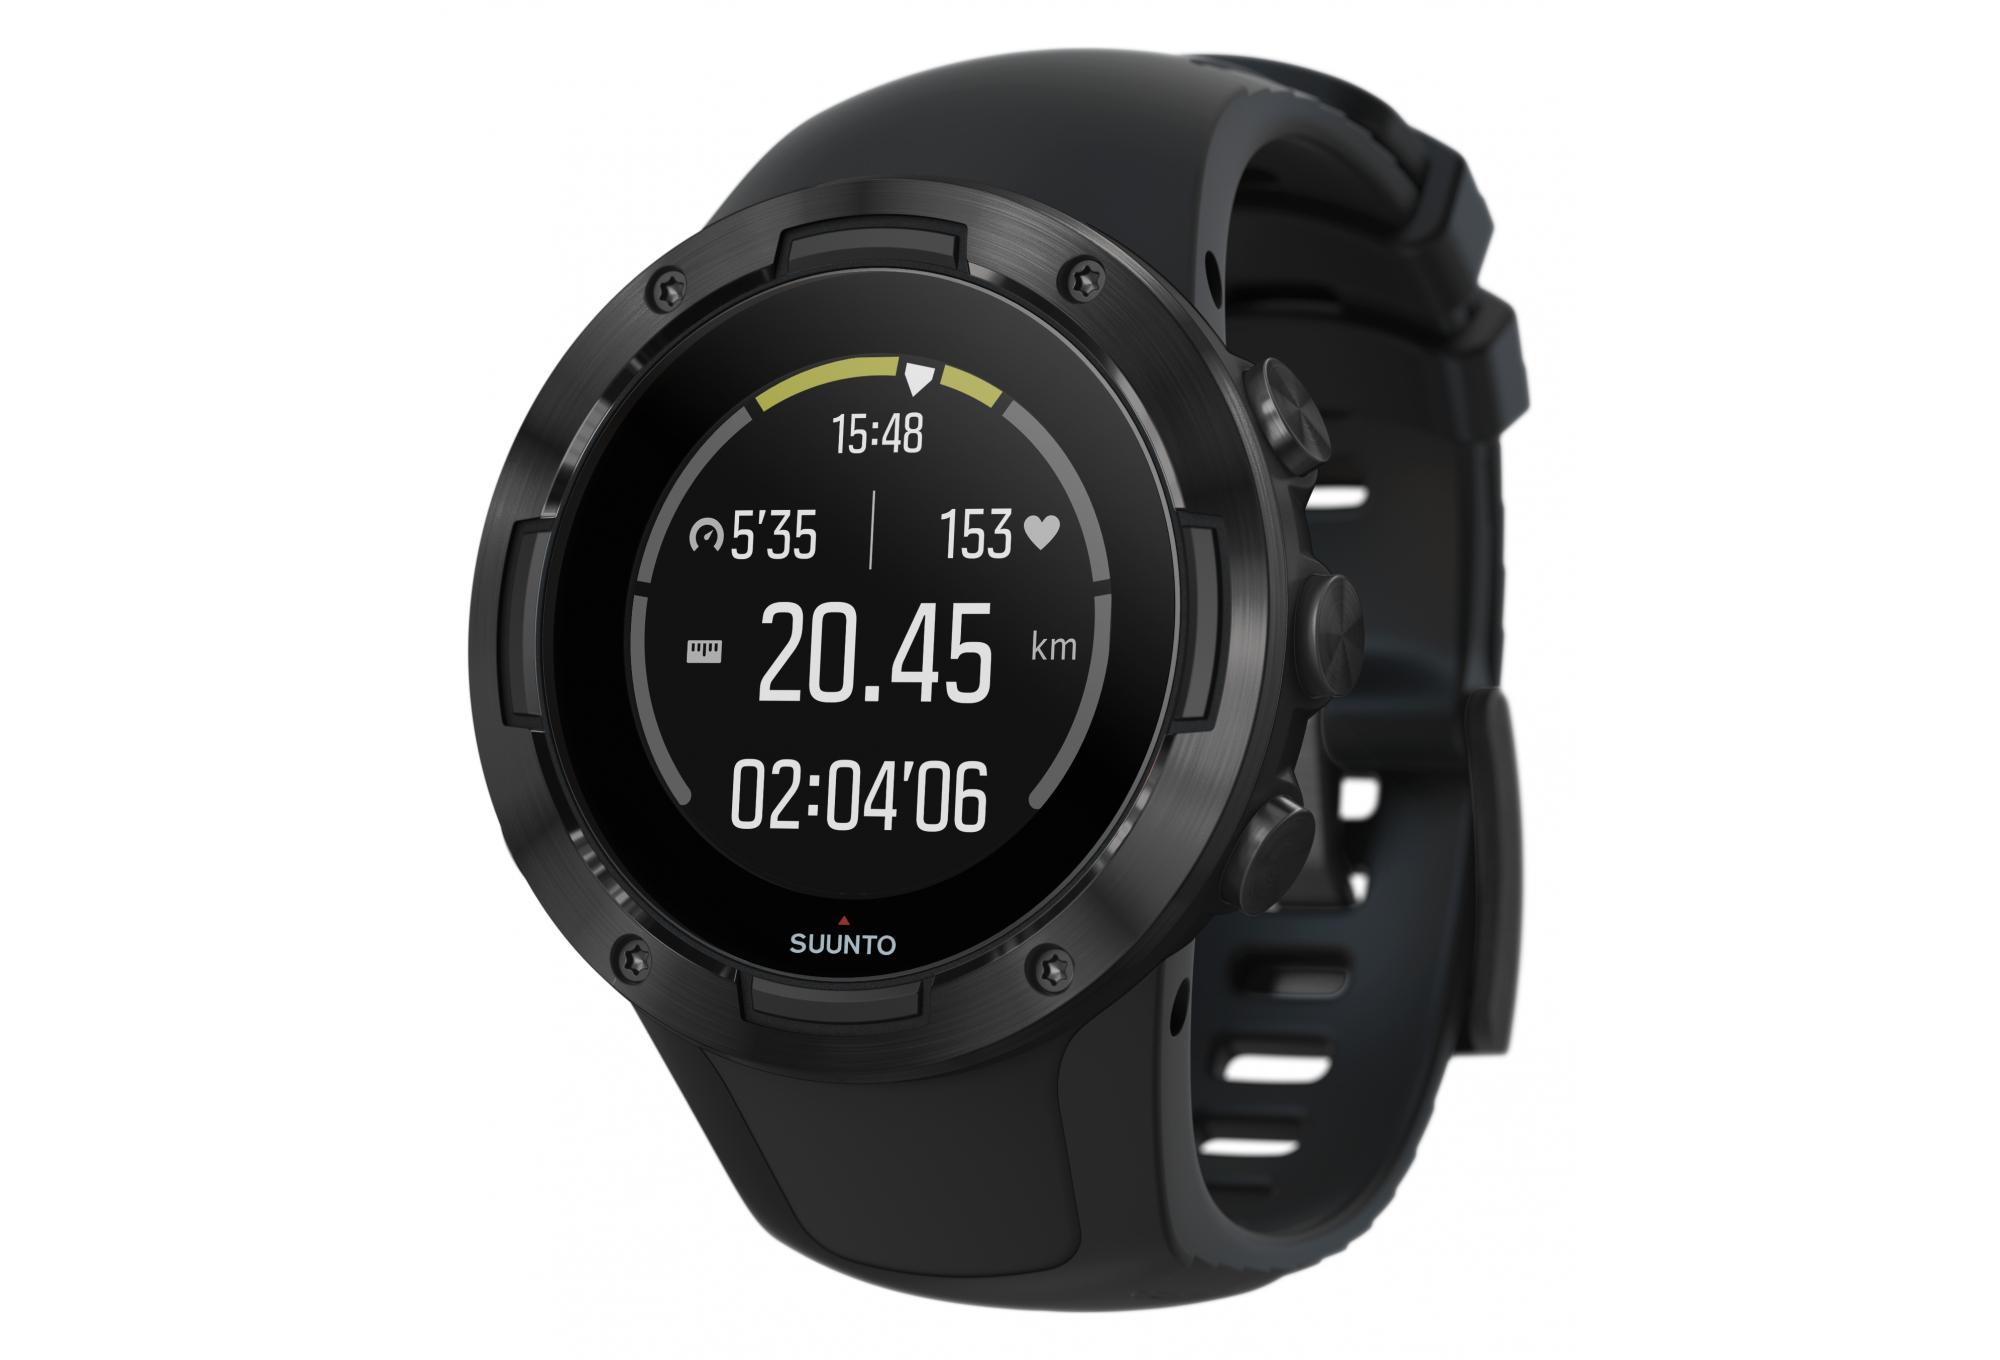 prezzo competitivo f37f0 1a0f2 Orologio GPS nero Suunto 5